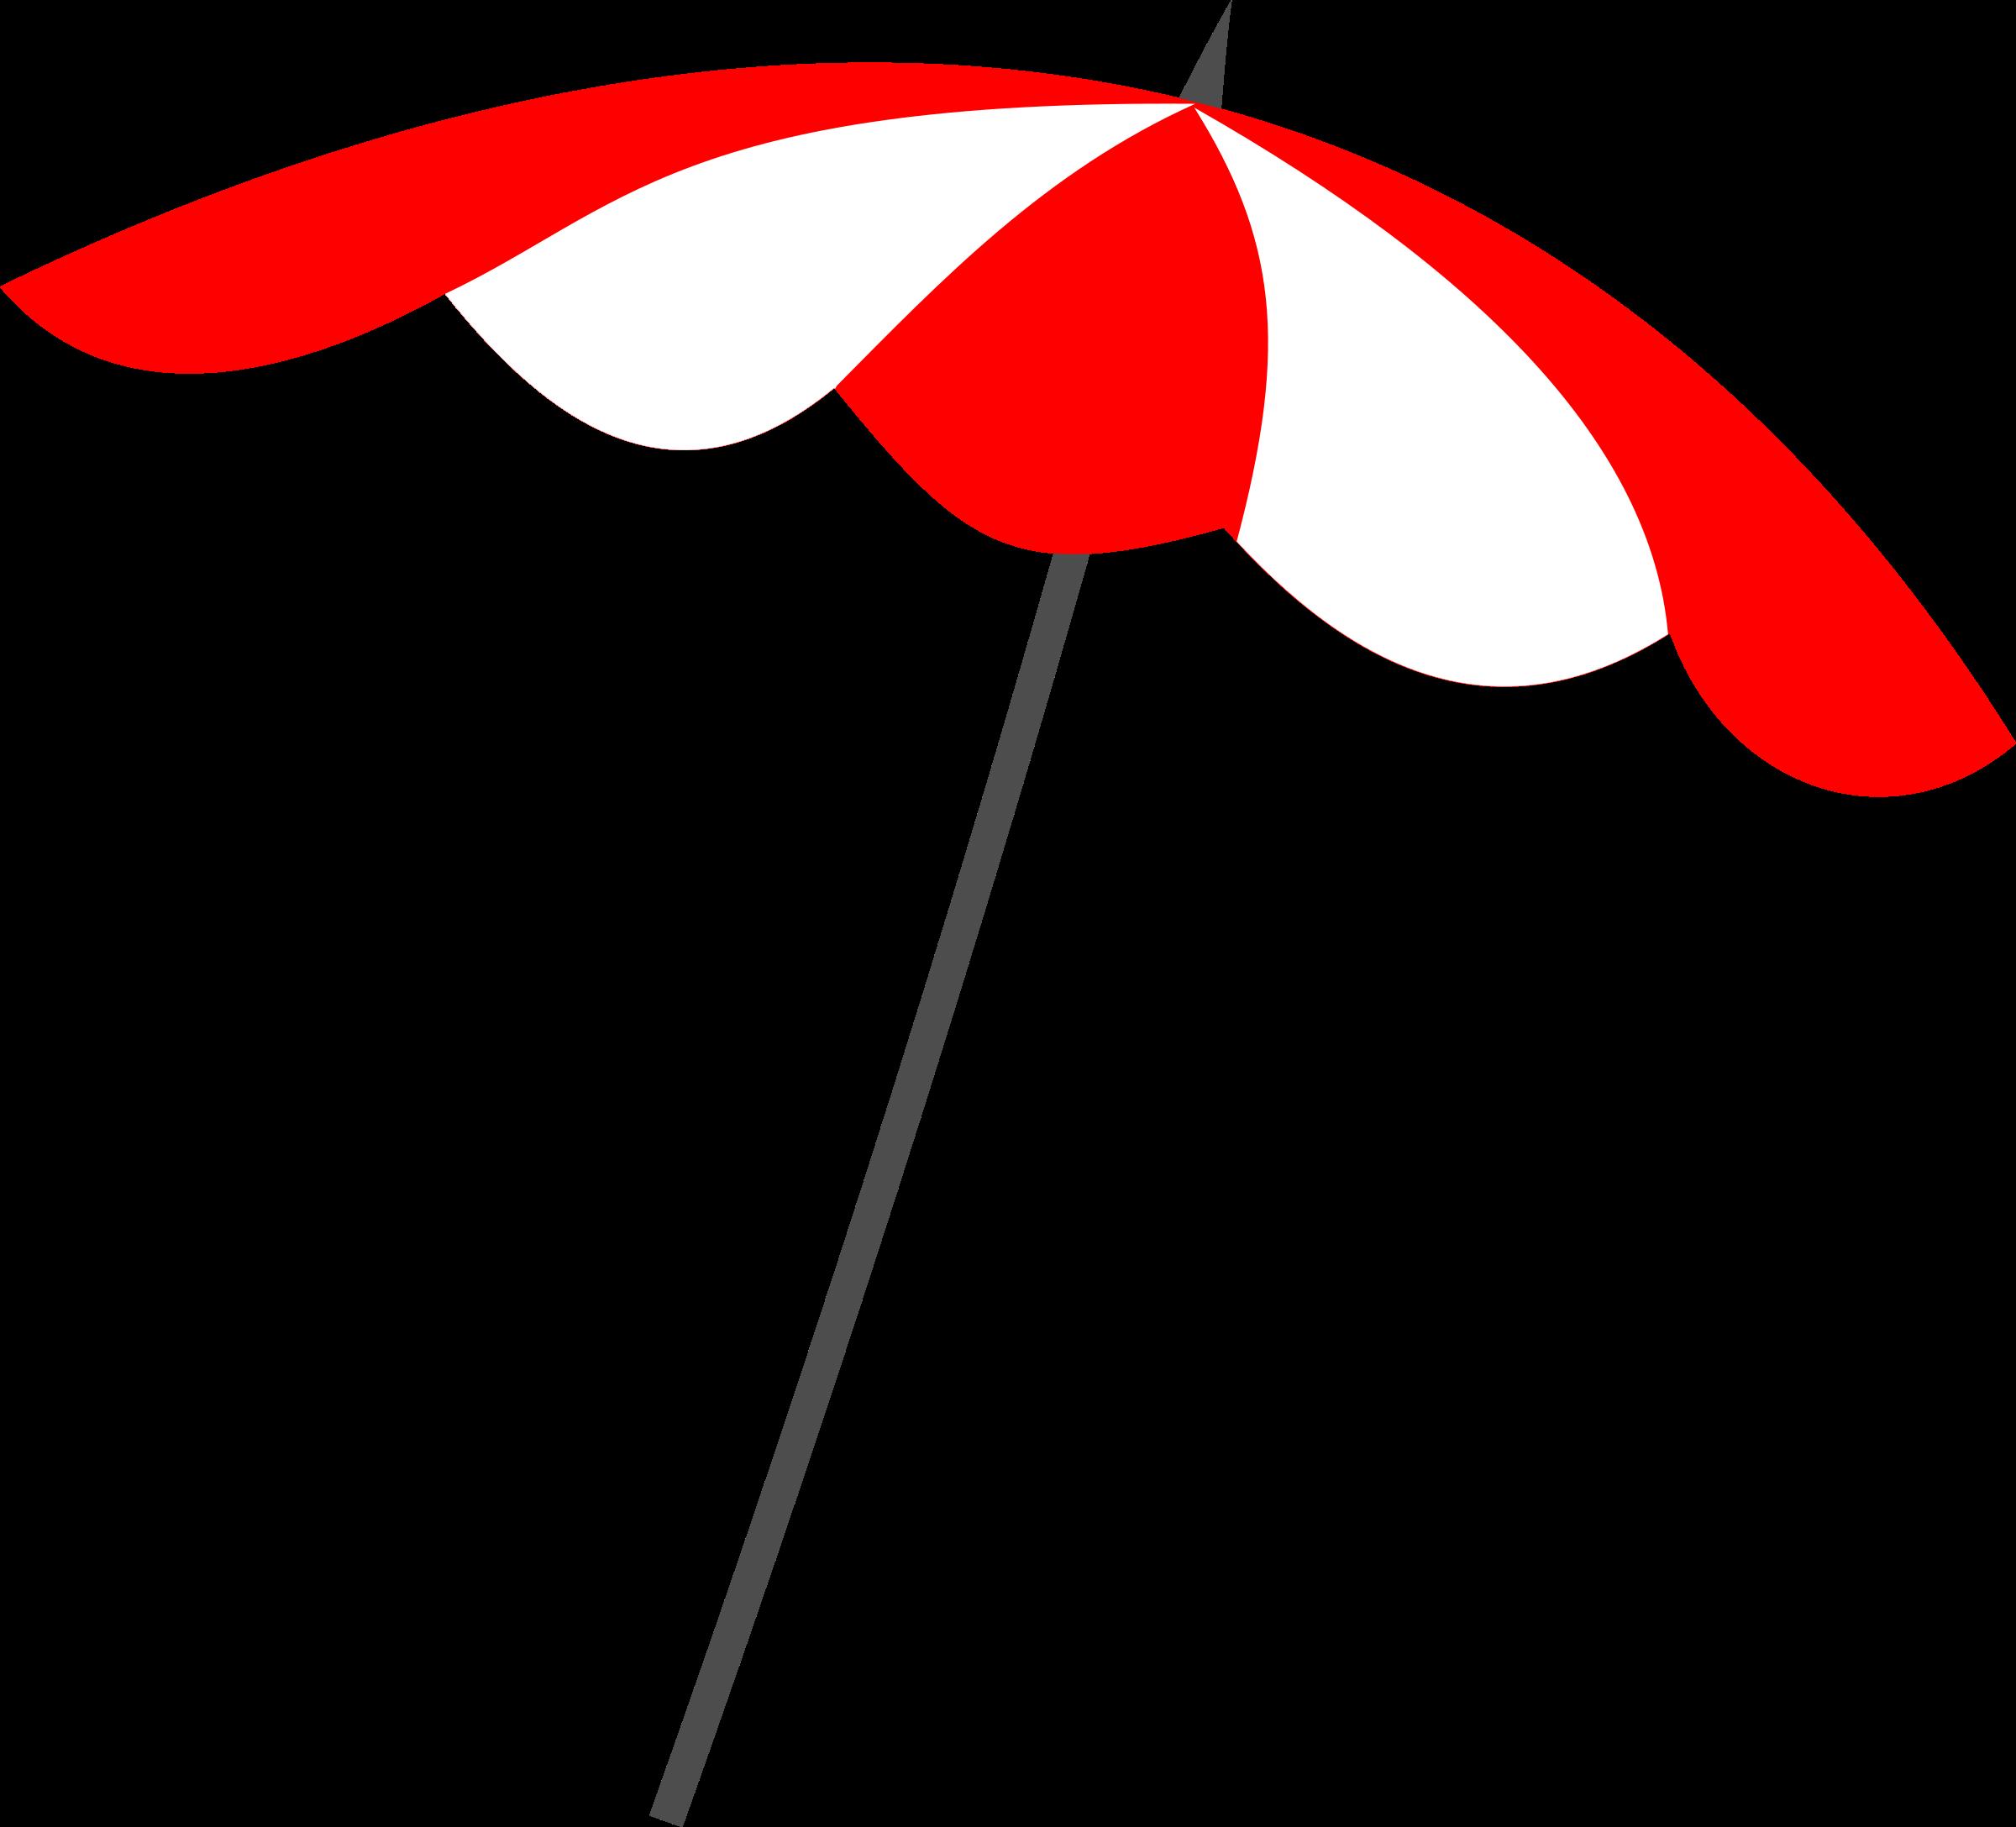 Beach big image png. Clipart umbrella umbralla